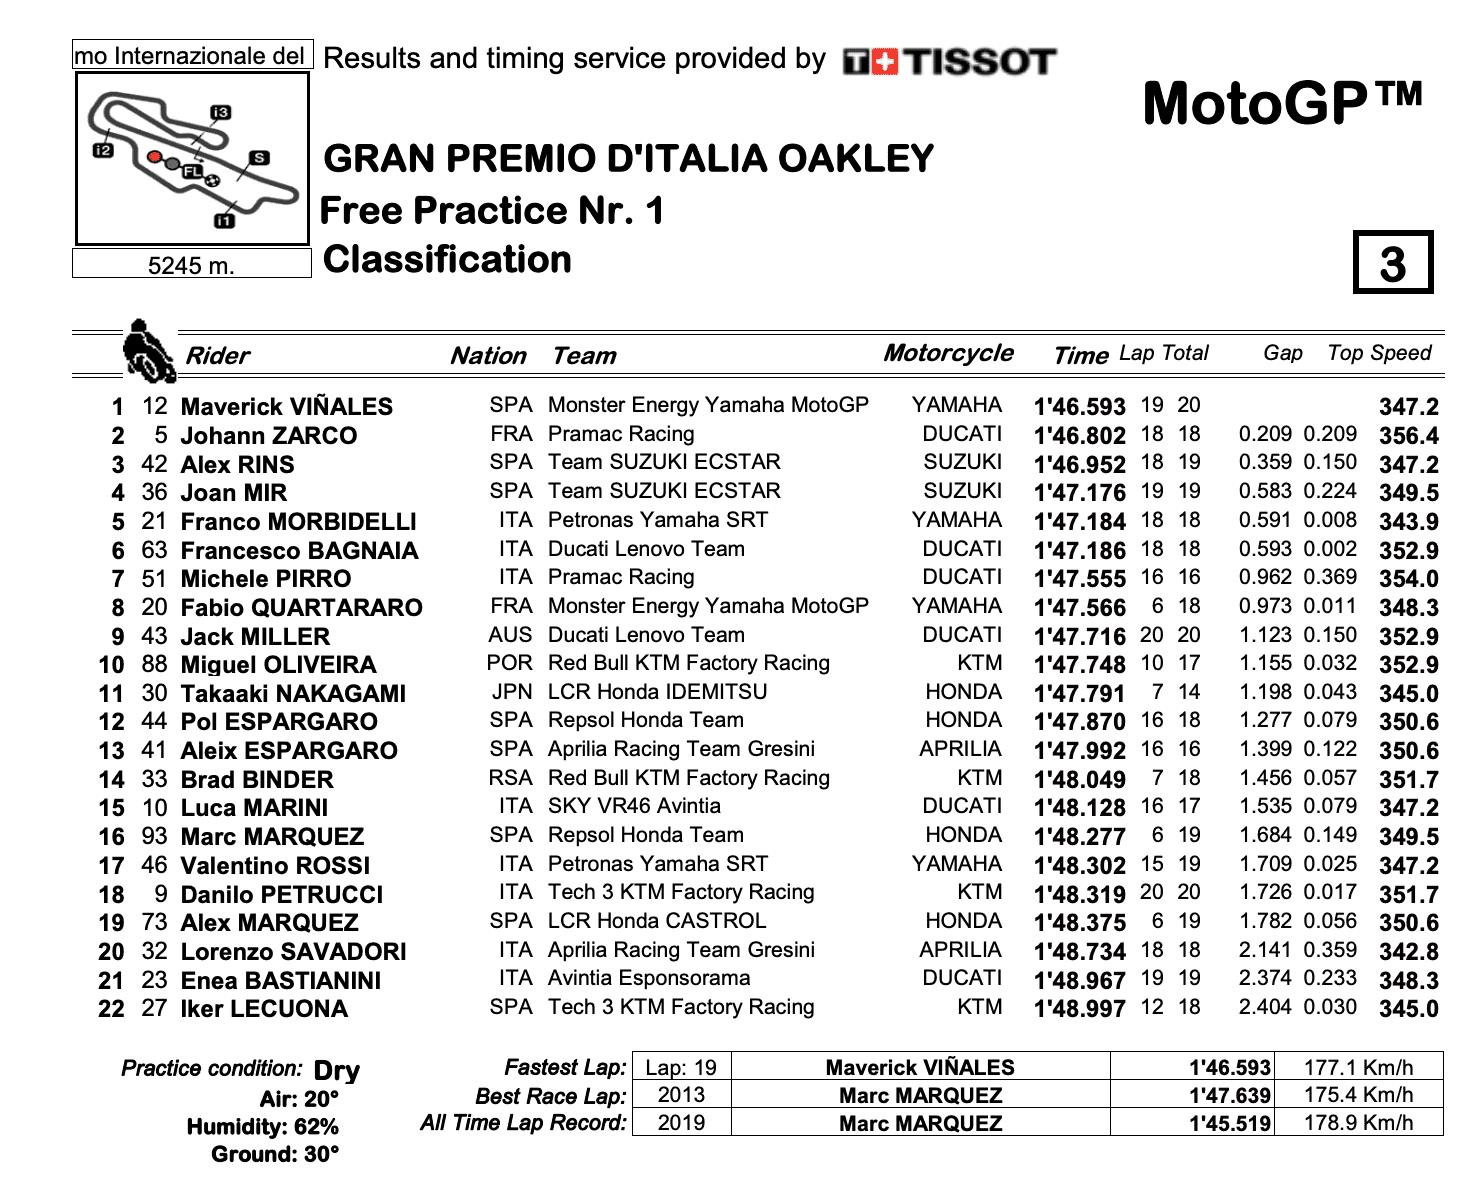 MotoGP2021イタリアGP FP1トップタイムはマーべリック・ビニャーレス